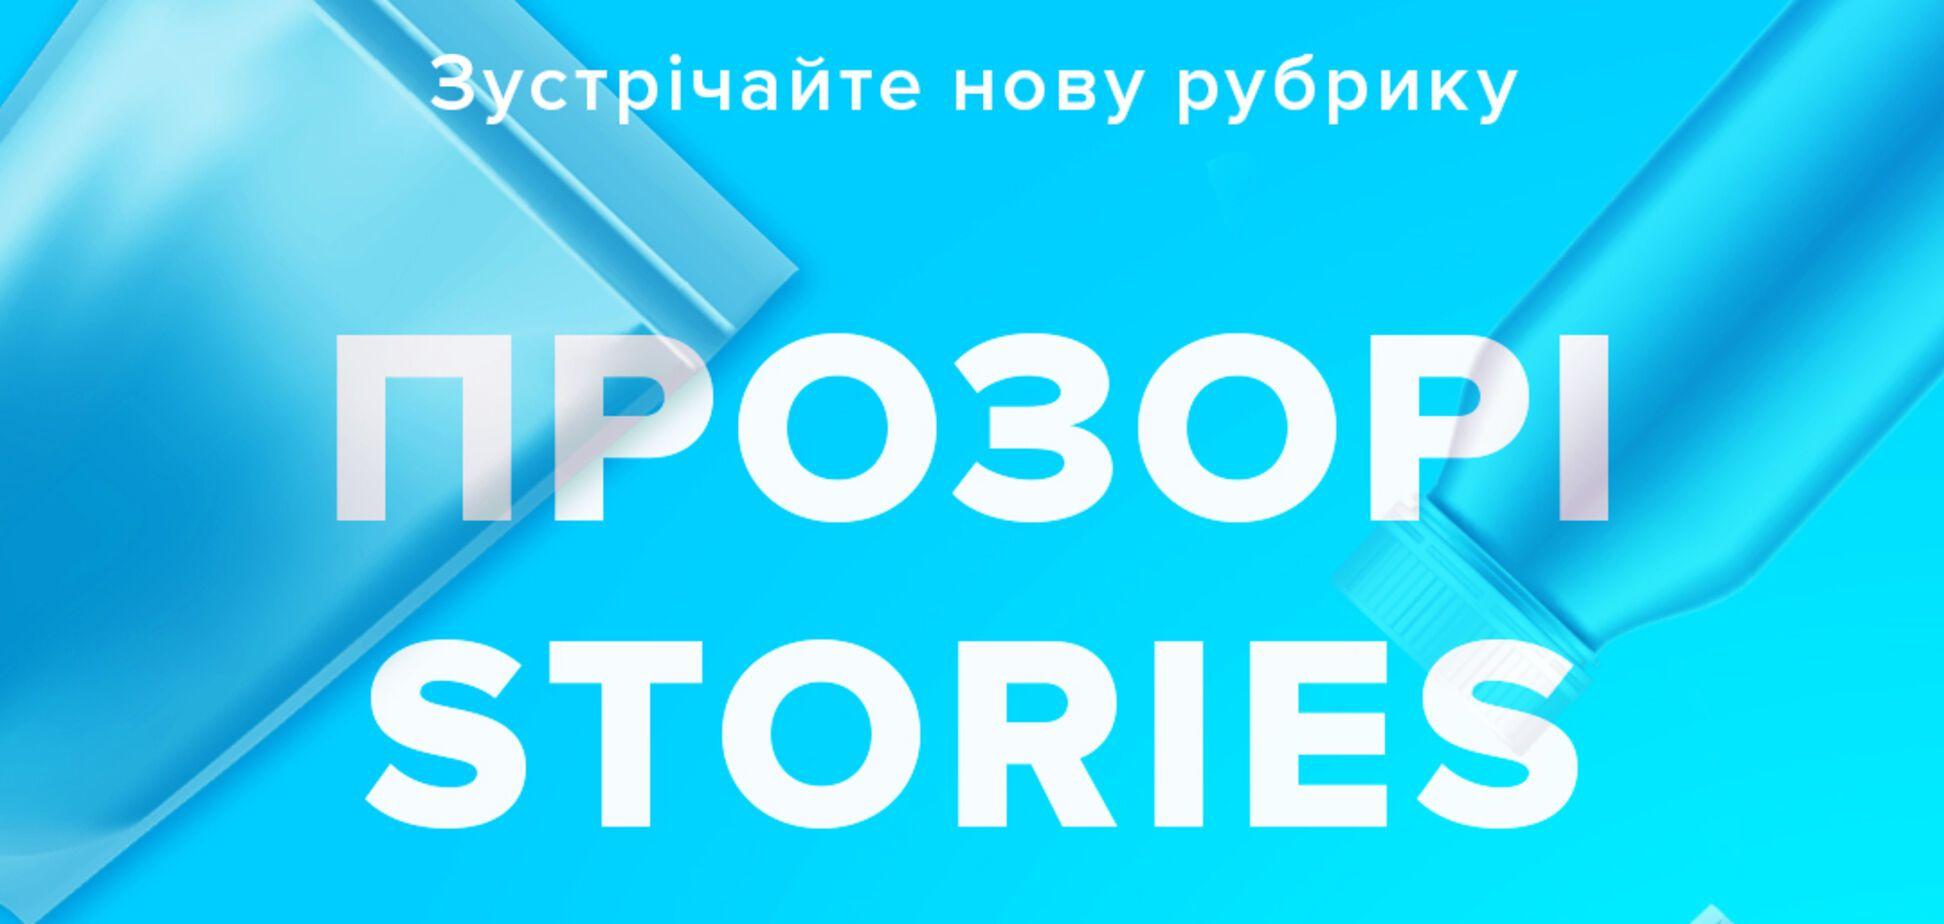 Национальный проект 'Виробник' запустил в соцсетях Прозорі сторі